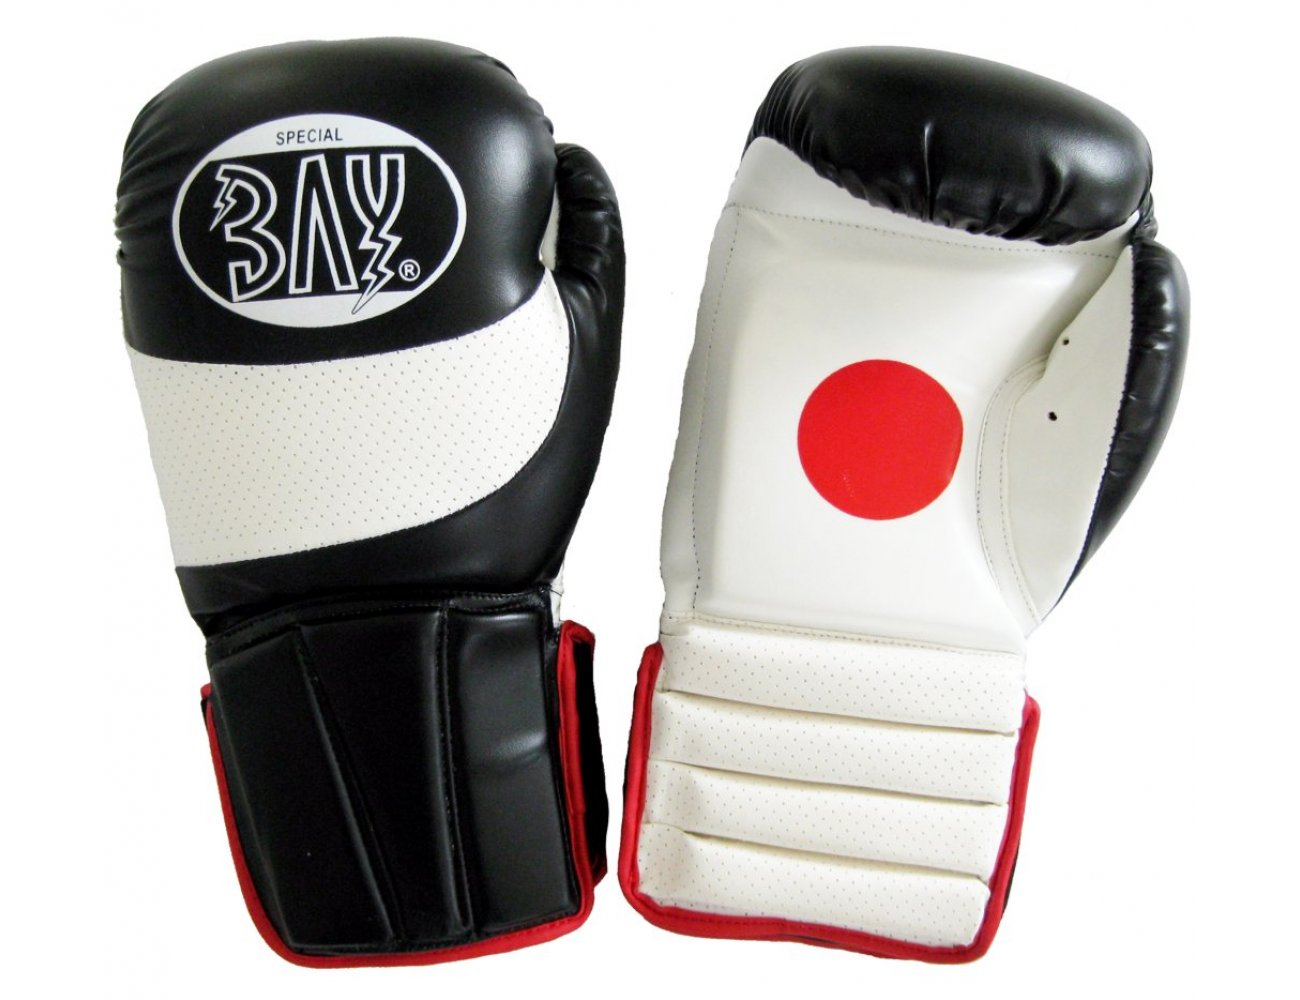 Boxhandschuhe f/ür Thaiboxen,Handpratzen Kampfsport Boxen Pads,Trainingshandschuhe Wuudi Trainerpratzen 1 Paar Kickboxen Boxen Boxhandschuhe Schwarz und wei/ß Boxen